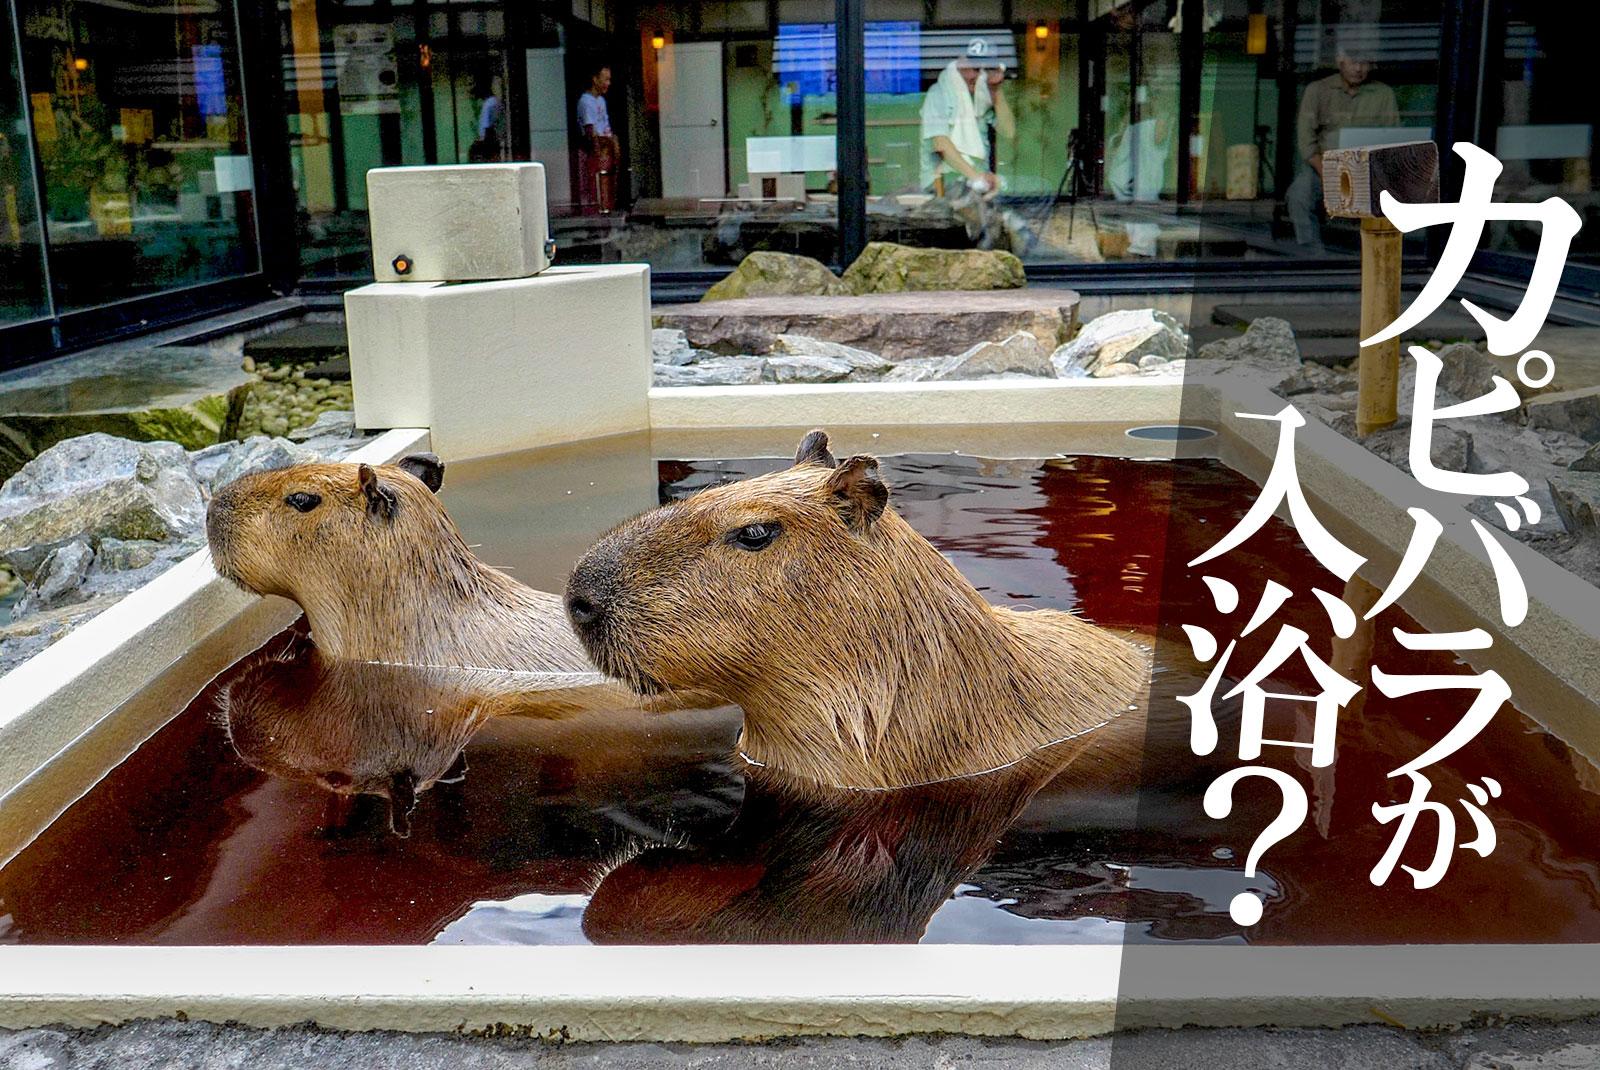 カピバラが入浴していることで話題に!石狩市の天然温泉「番屋の湯」